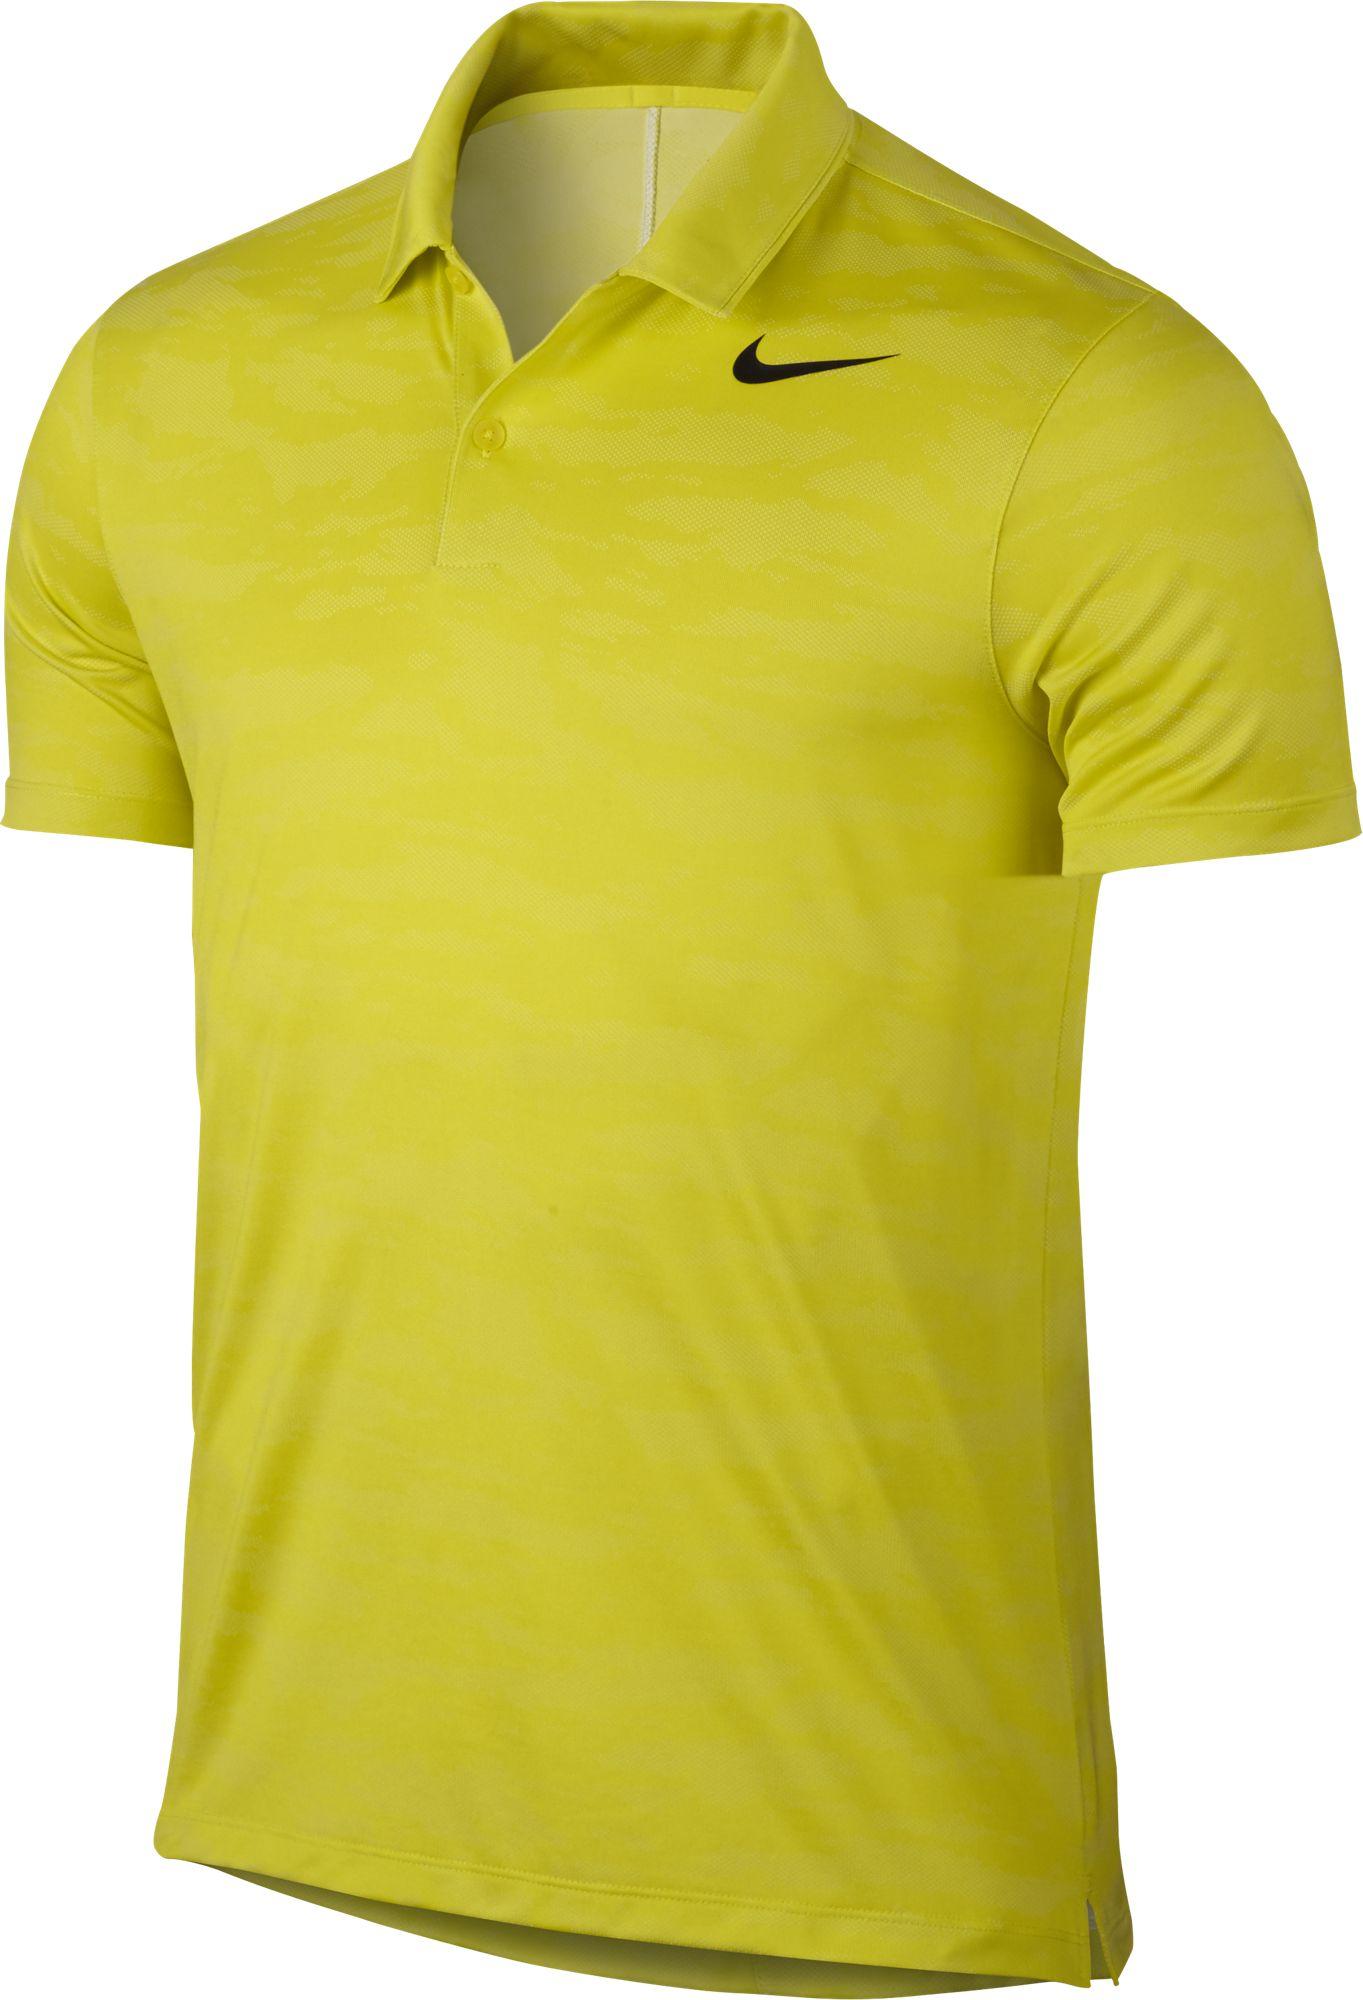 2017 Nike Icon Jacquard Polo Golf Shirt Mens 885708 Ebay